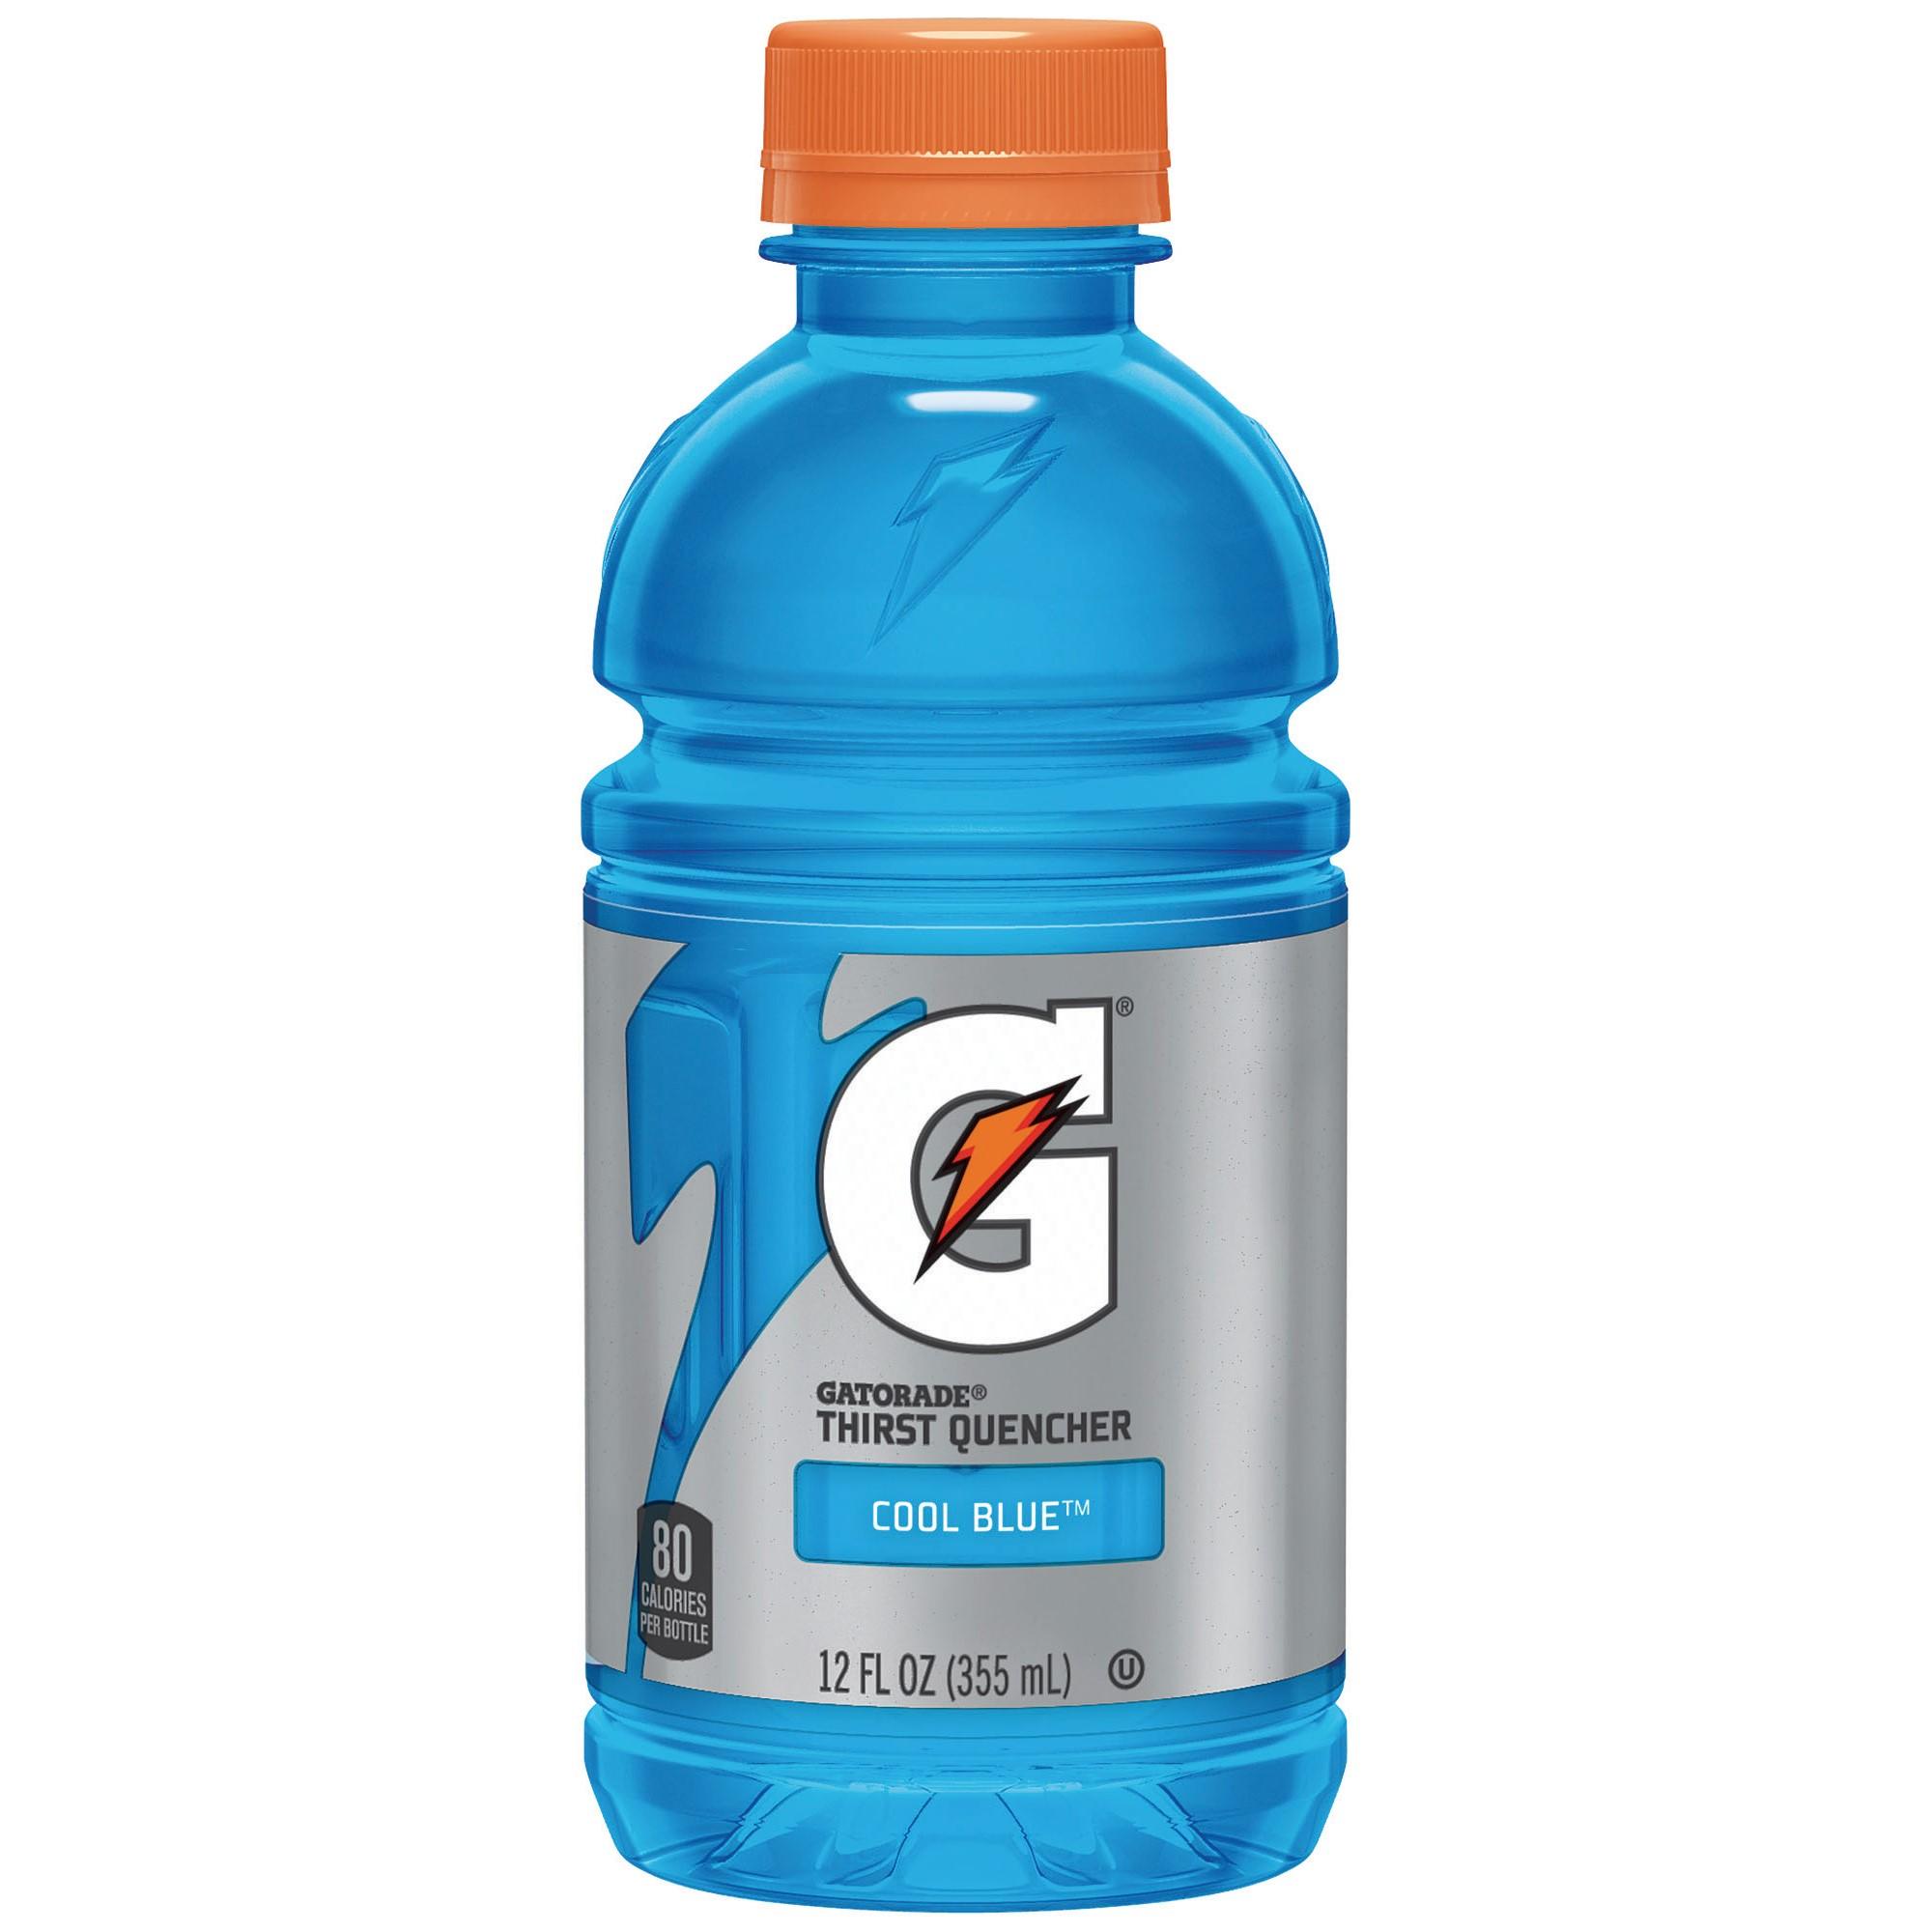 Gatorade Thirst Quencher Sports Drink, Cool Blue, 12 Fl Oz, 12 Ct